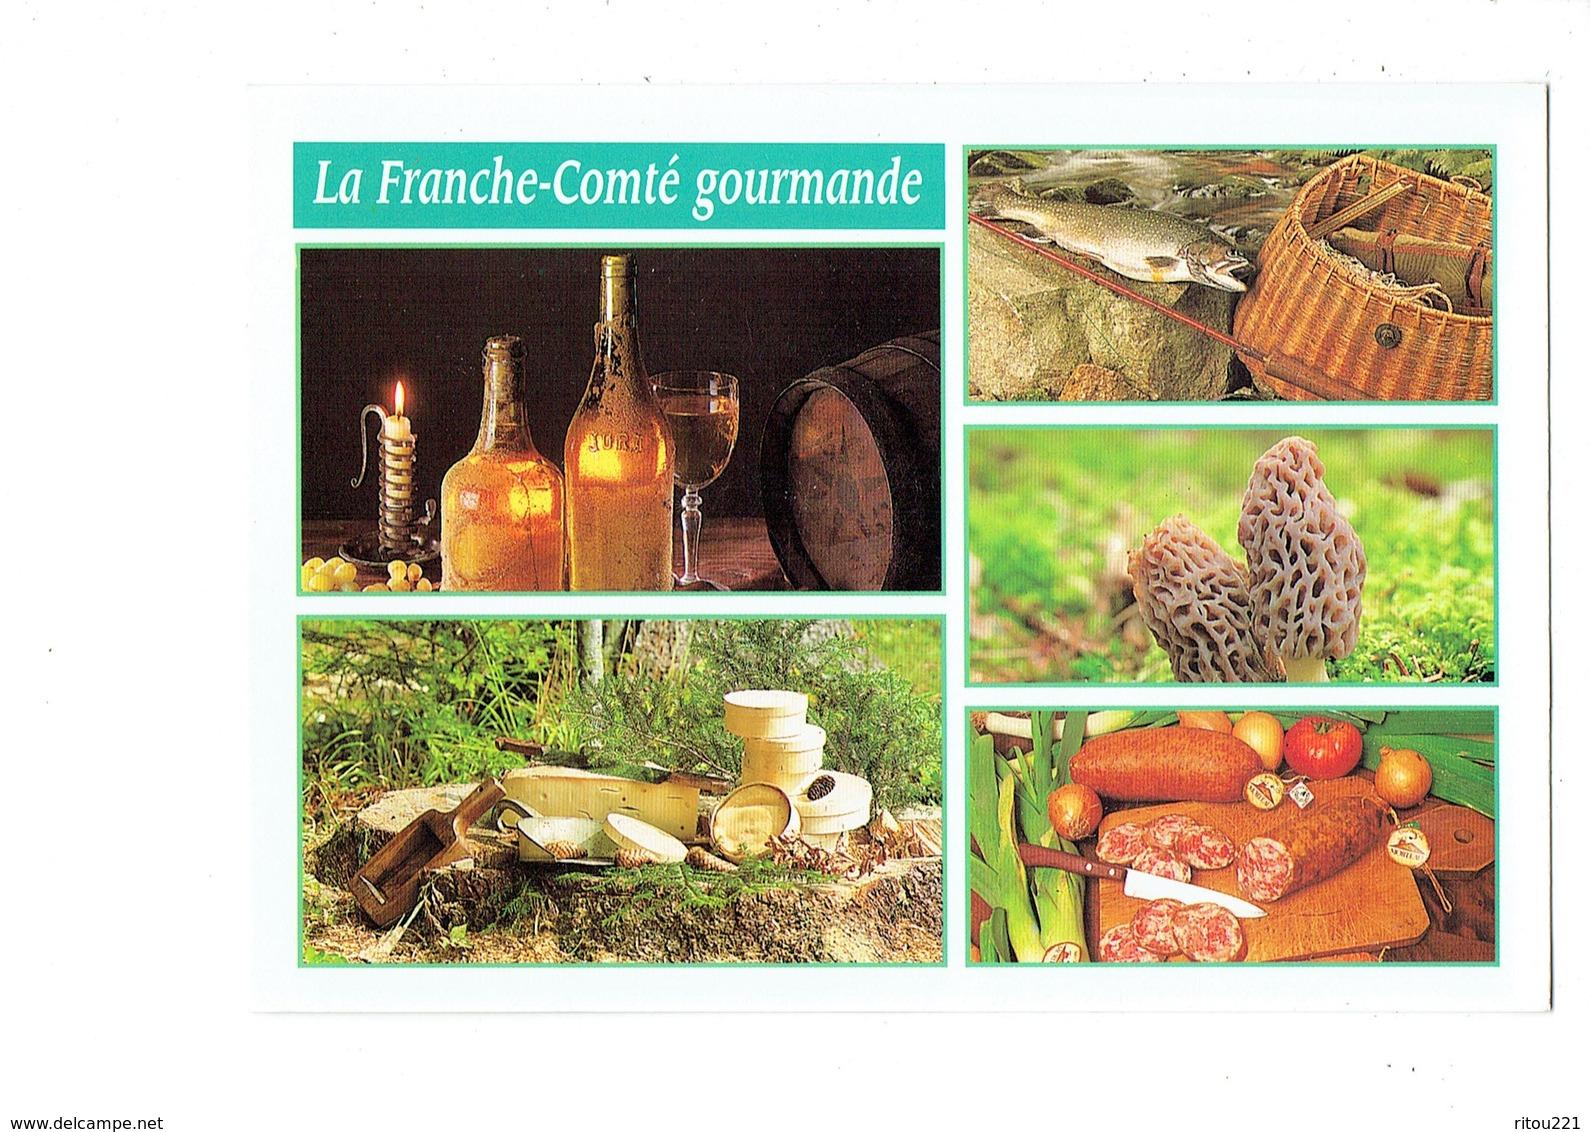 Cpm La Franche-Comté Gourmande Spécialités Vin Du Jura Comté Mont D'or Fromage Truite Champignon Morille Tonneau Raisin - France